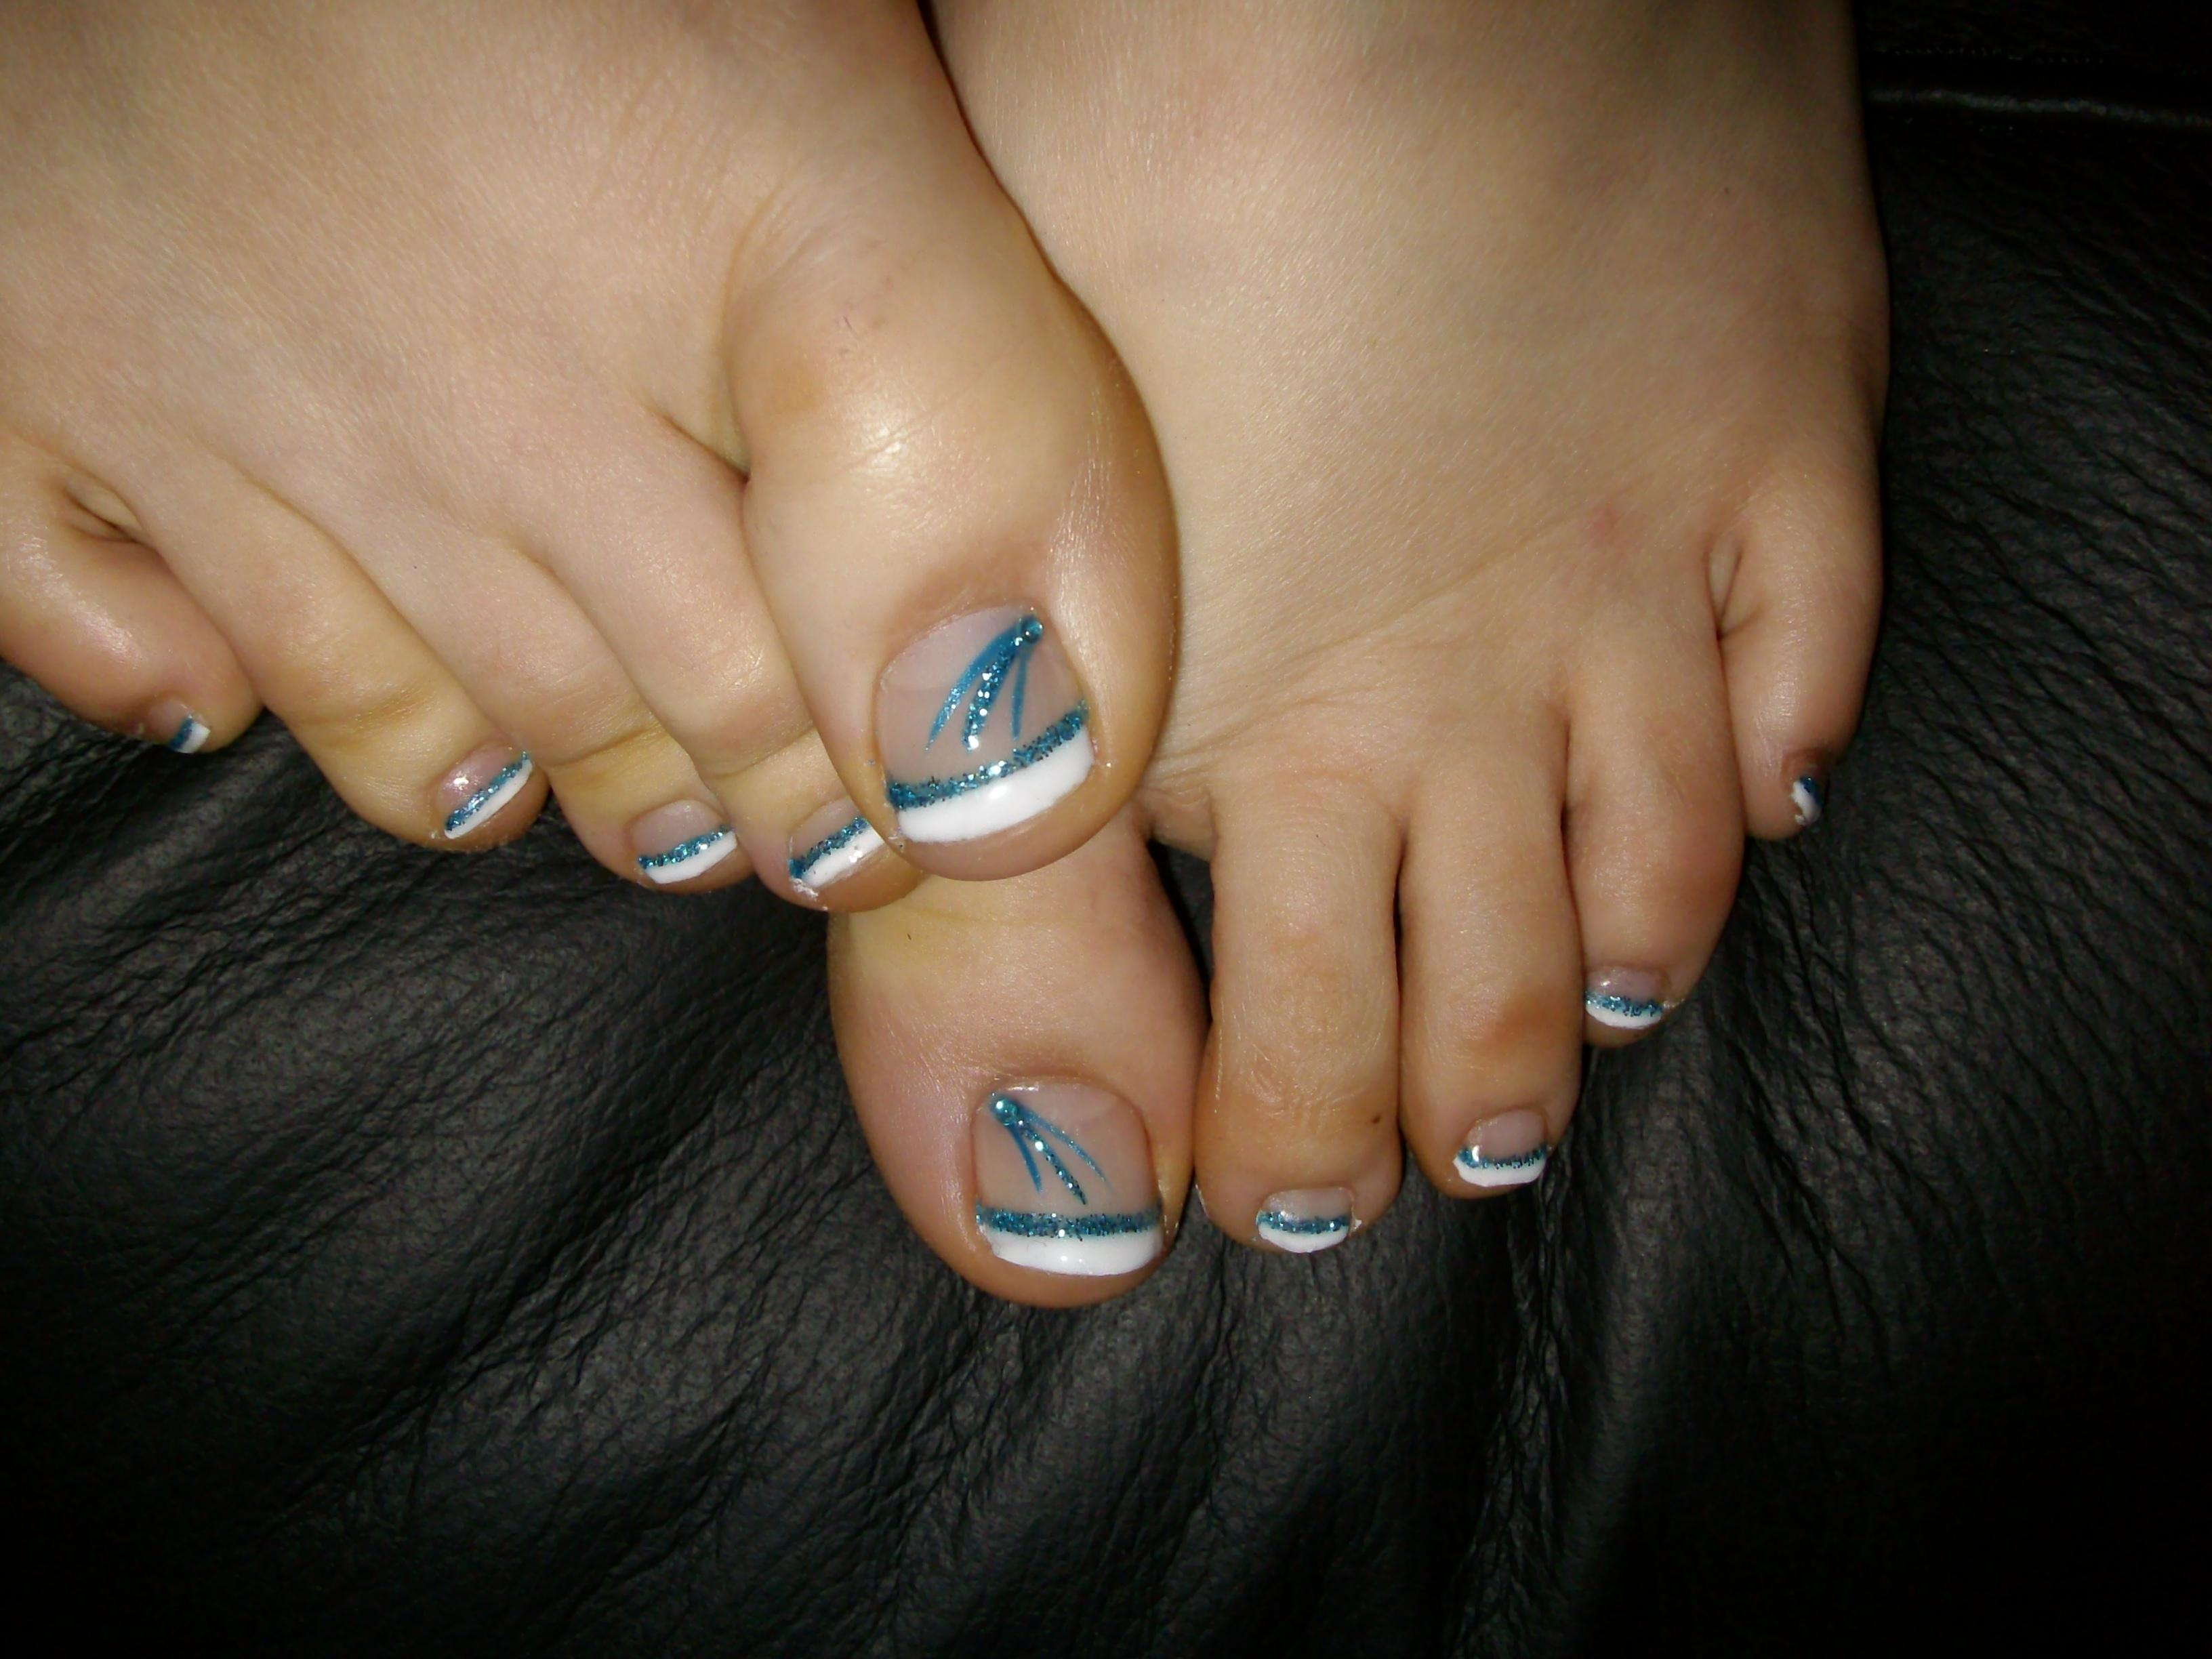 Pose gel pieds French blanche soulignée d\u0027un trait bleu turquoise pailleté  + d\u0026co trait bleu jeans et bleu turquoise pailleté + strass